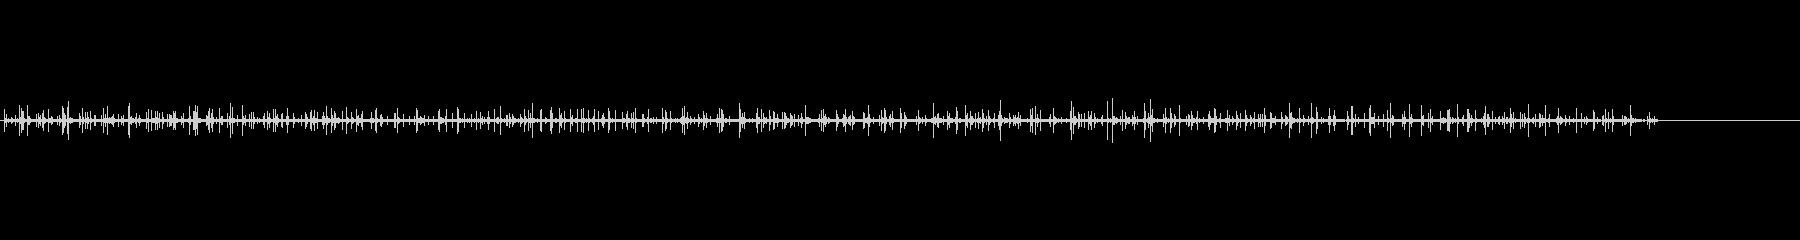 リバーブ、ドレスシューズの大理石の...の未再生の波形